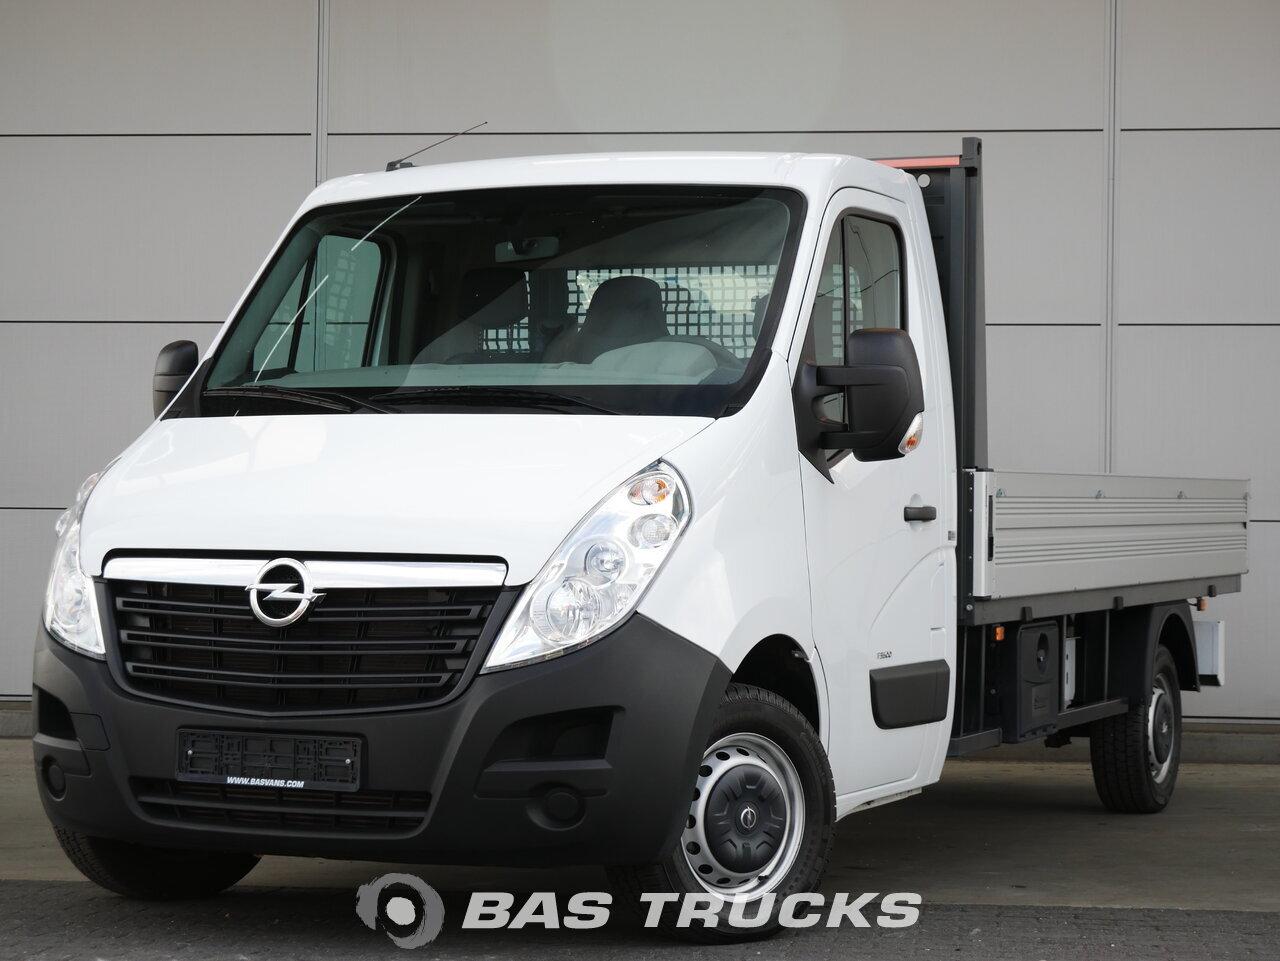 foto di Usato Veicolo commerciale leggero Opel Movano 2016